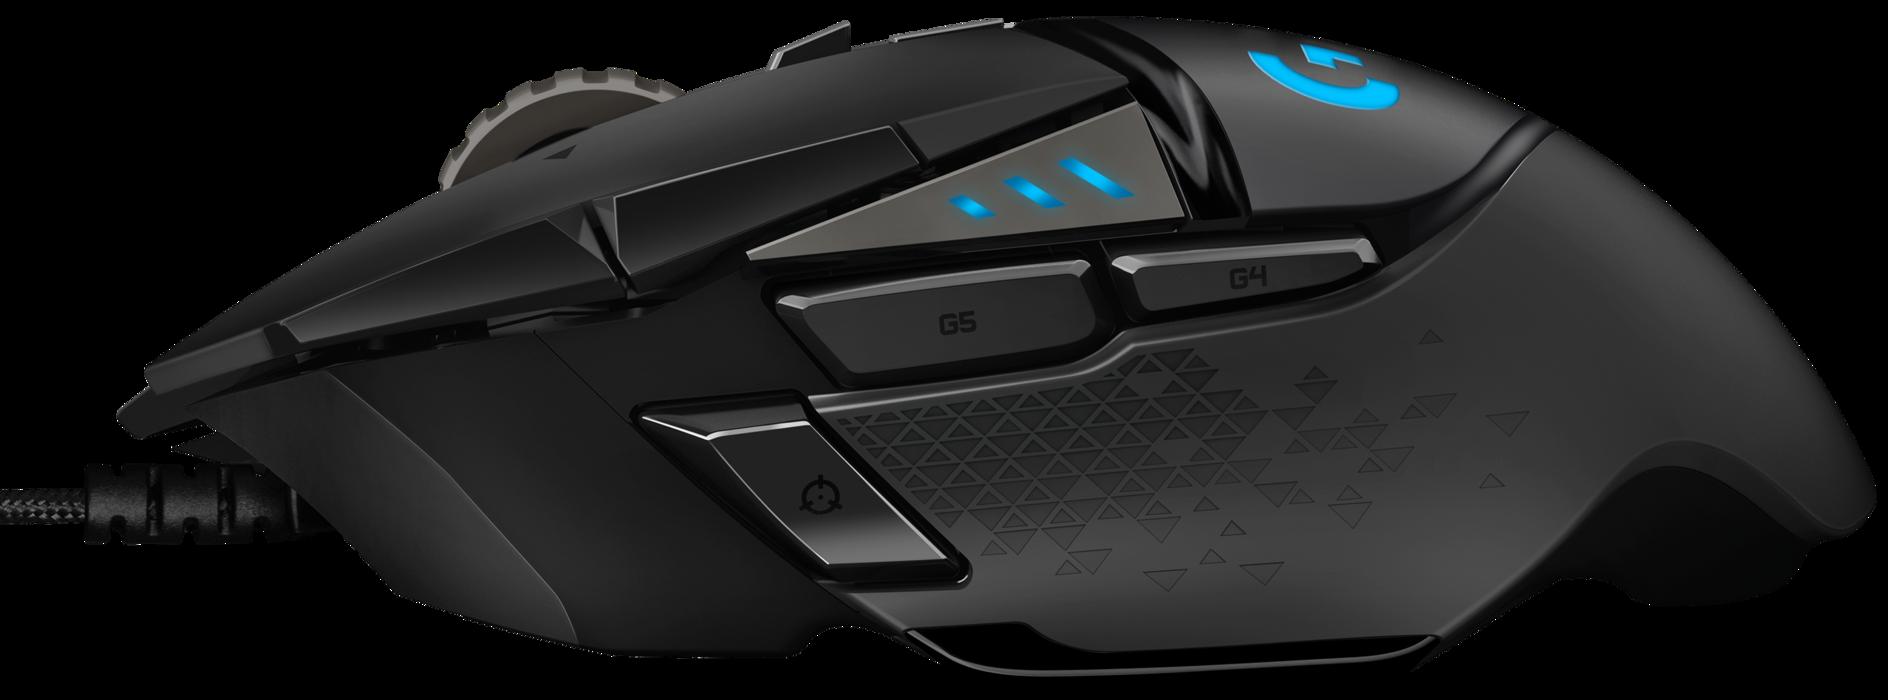 Logitech G502 Hero Review Pc Gamer